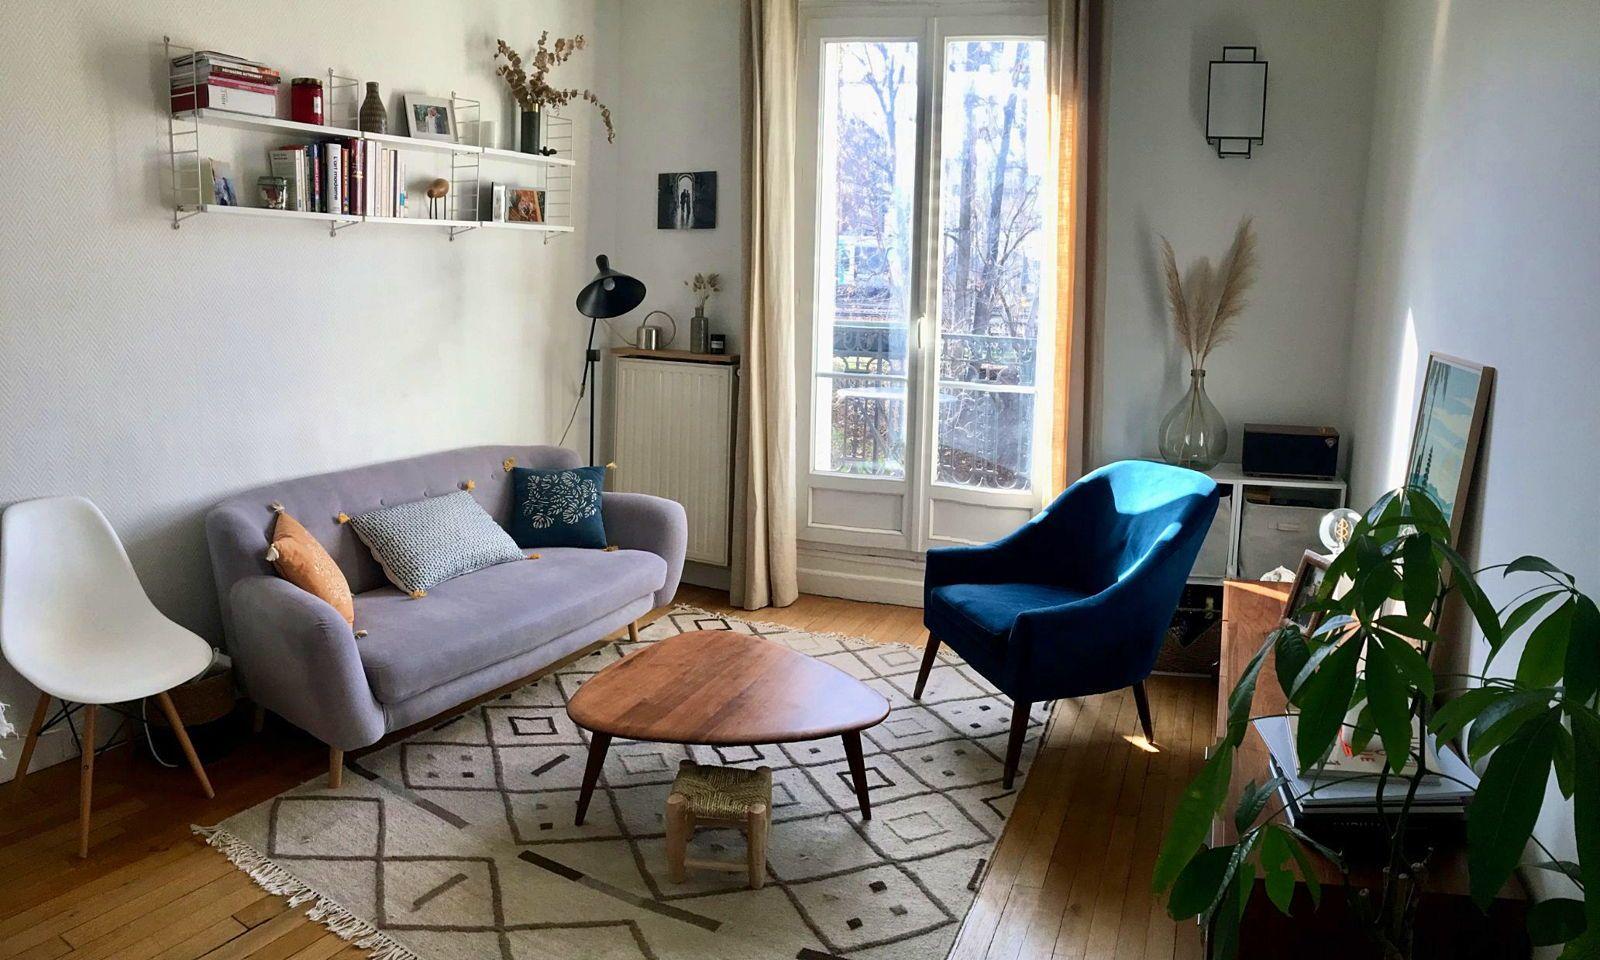 Vends appartement 3pièces + balcon - 58m² - Asnières sur Seine (gare)